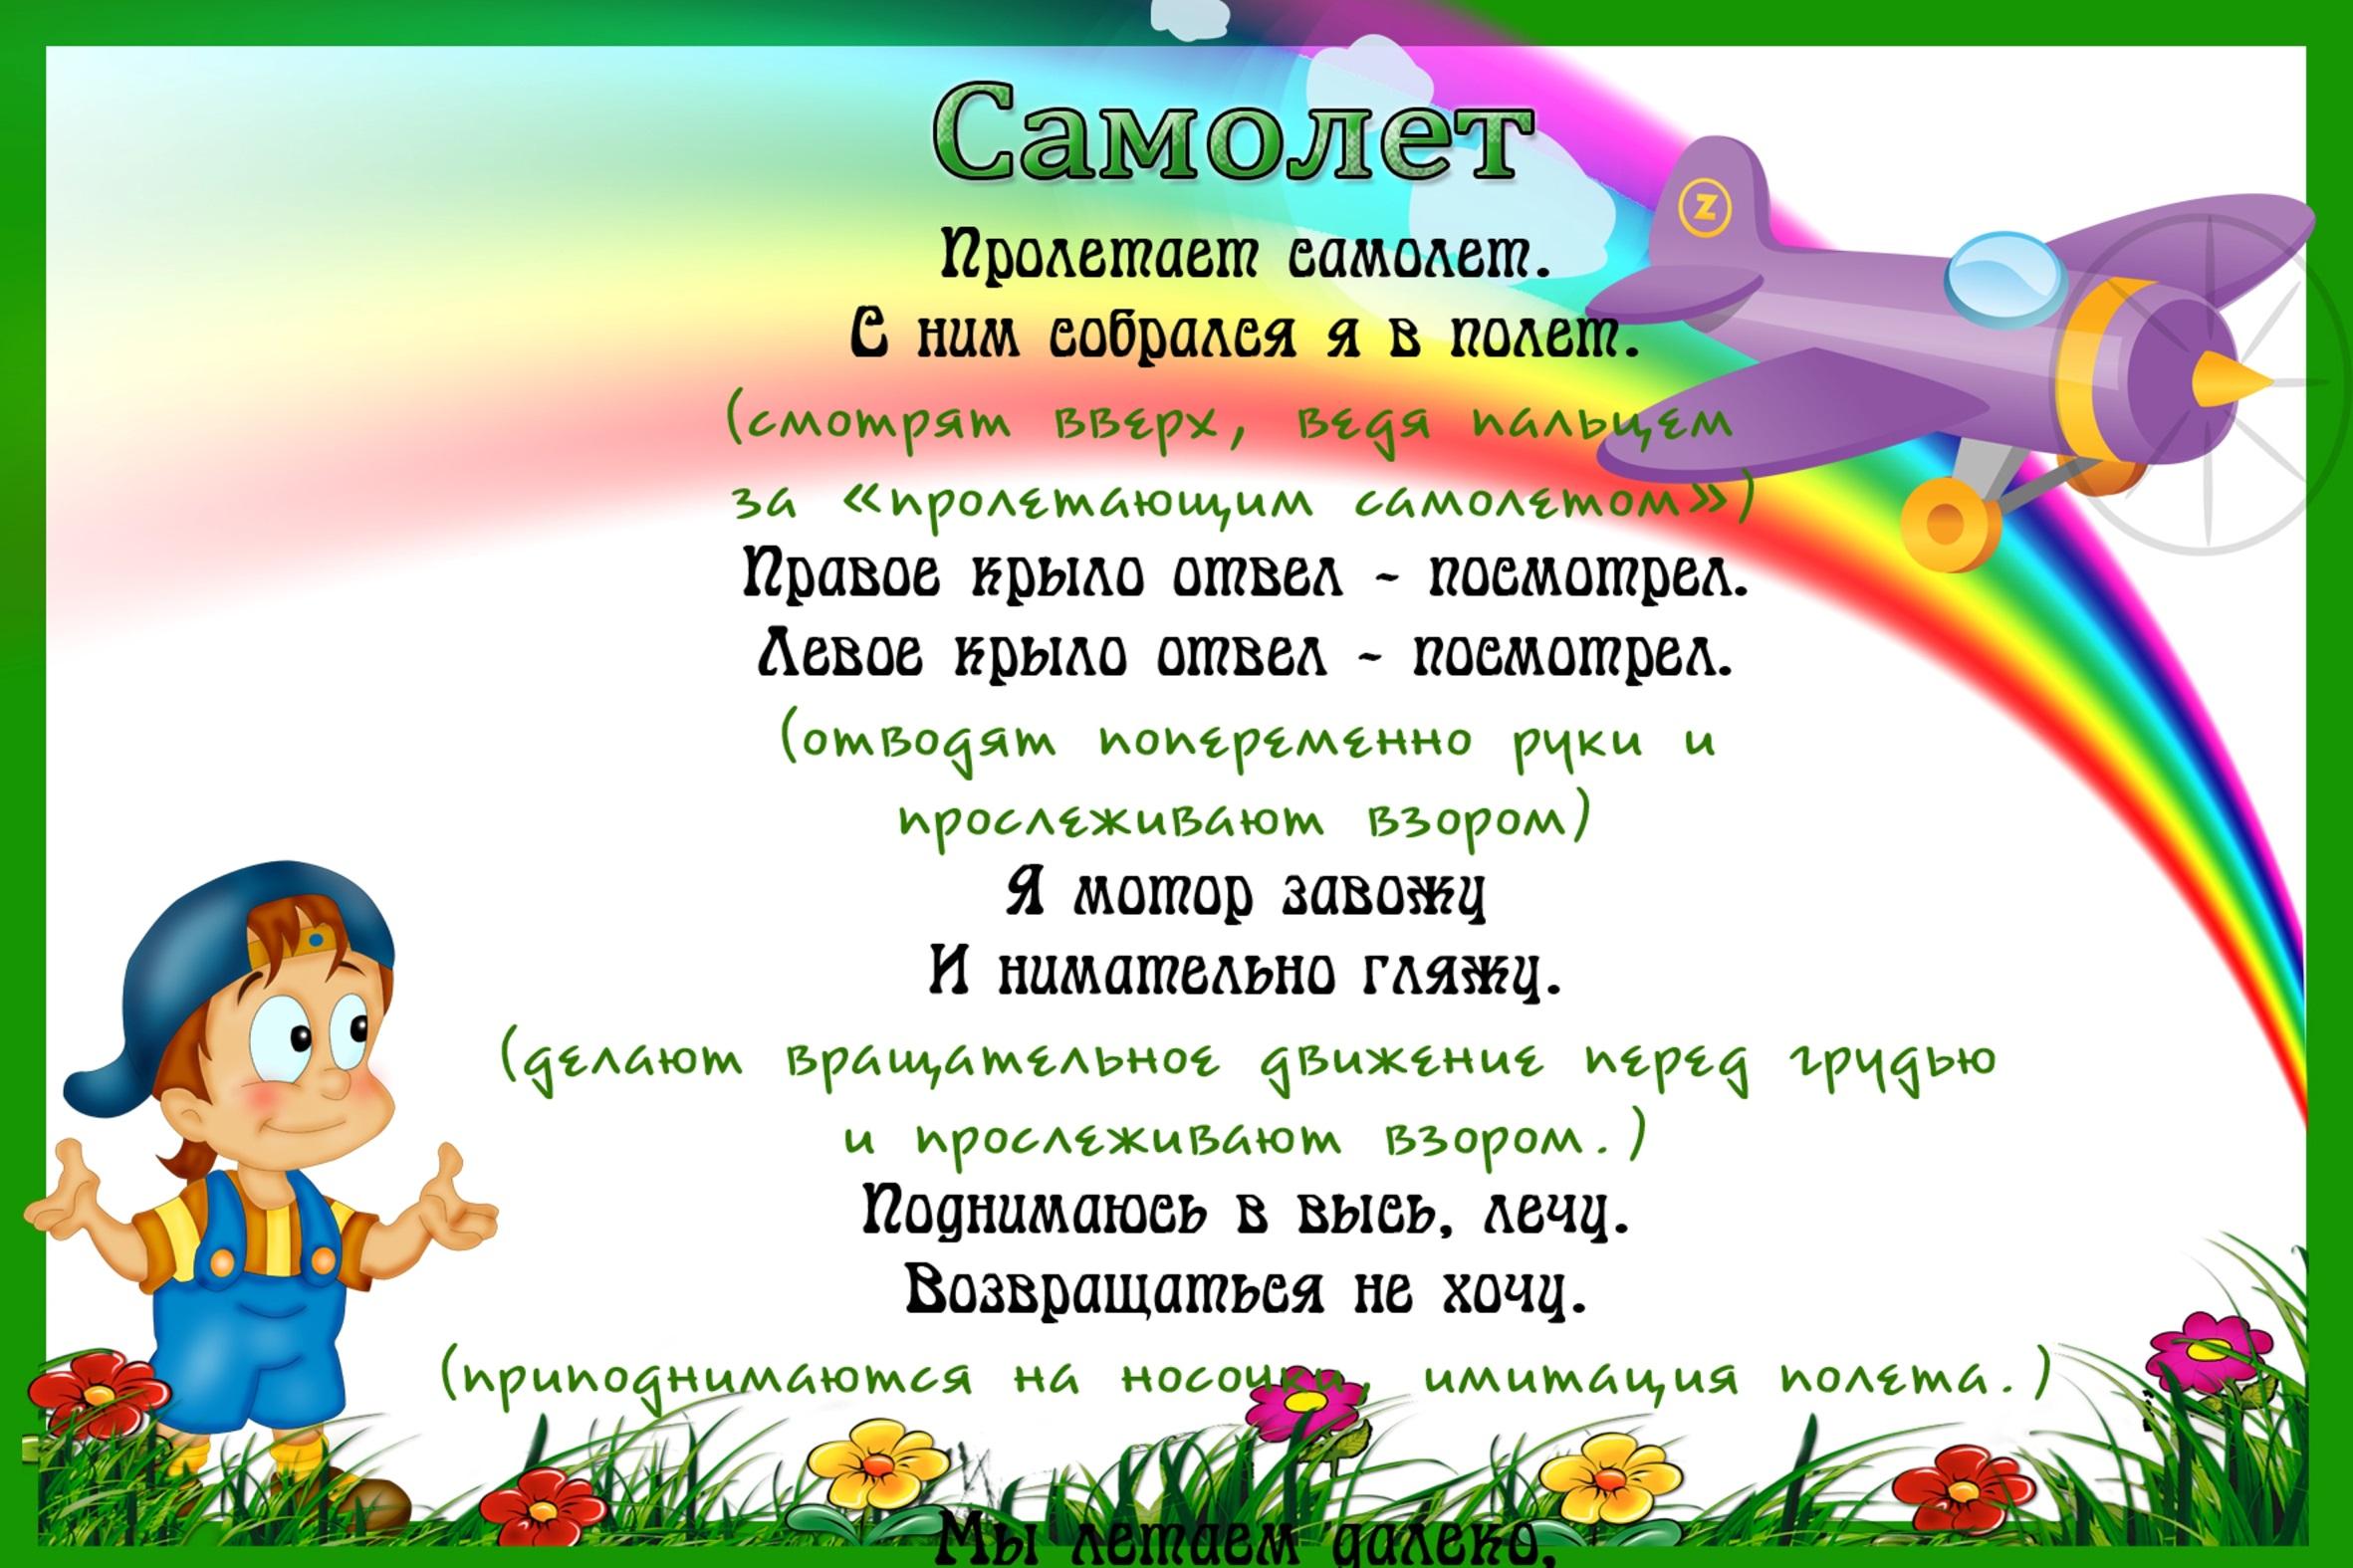 http://25chita.detkin-club.ru/editor/1974/images/3b6dd5c98cb83bcb241a9733a6fa418a.jpg